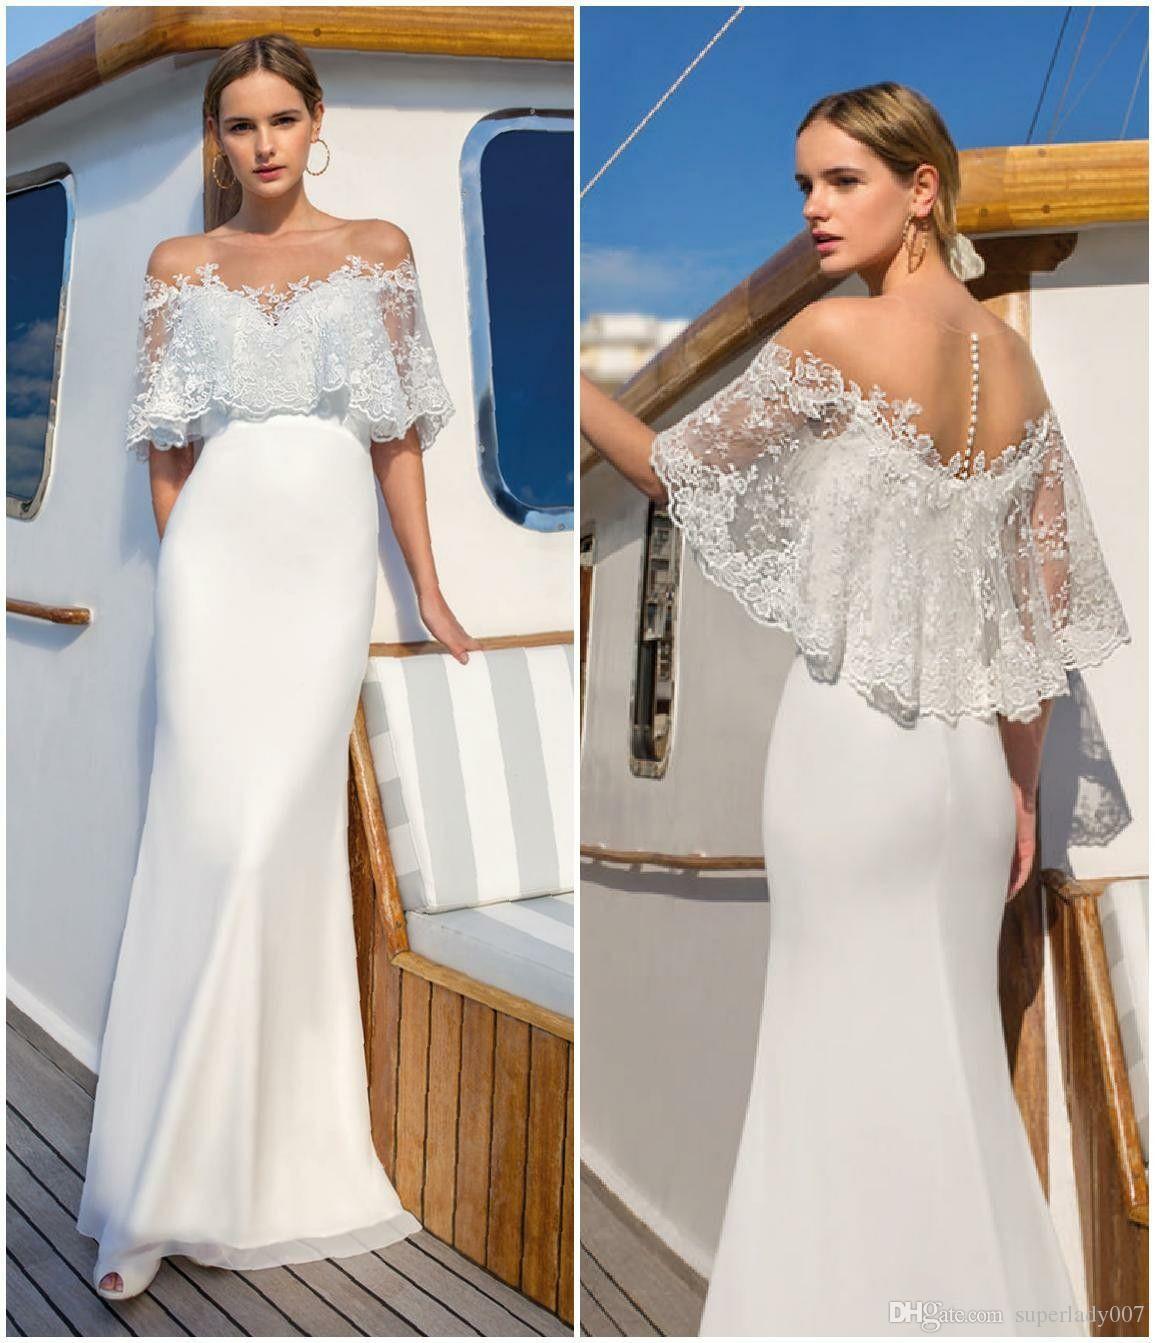 a59dd29a7d1 Compre Vestidos Largos De Fiesta Para Mujer Faldas De Noche Vestidos De Dama  De Honor Vestido De Encaje Sexy Chal Vestido Delgado A $35.18 Del  Superlady007 ...